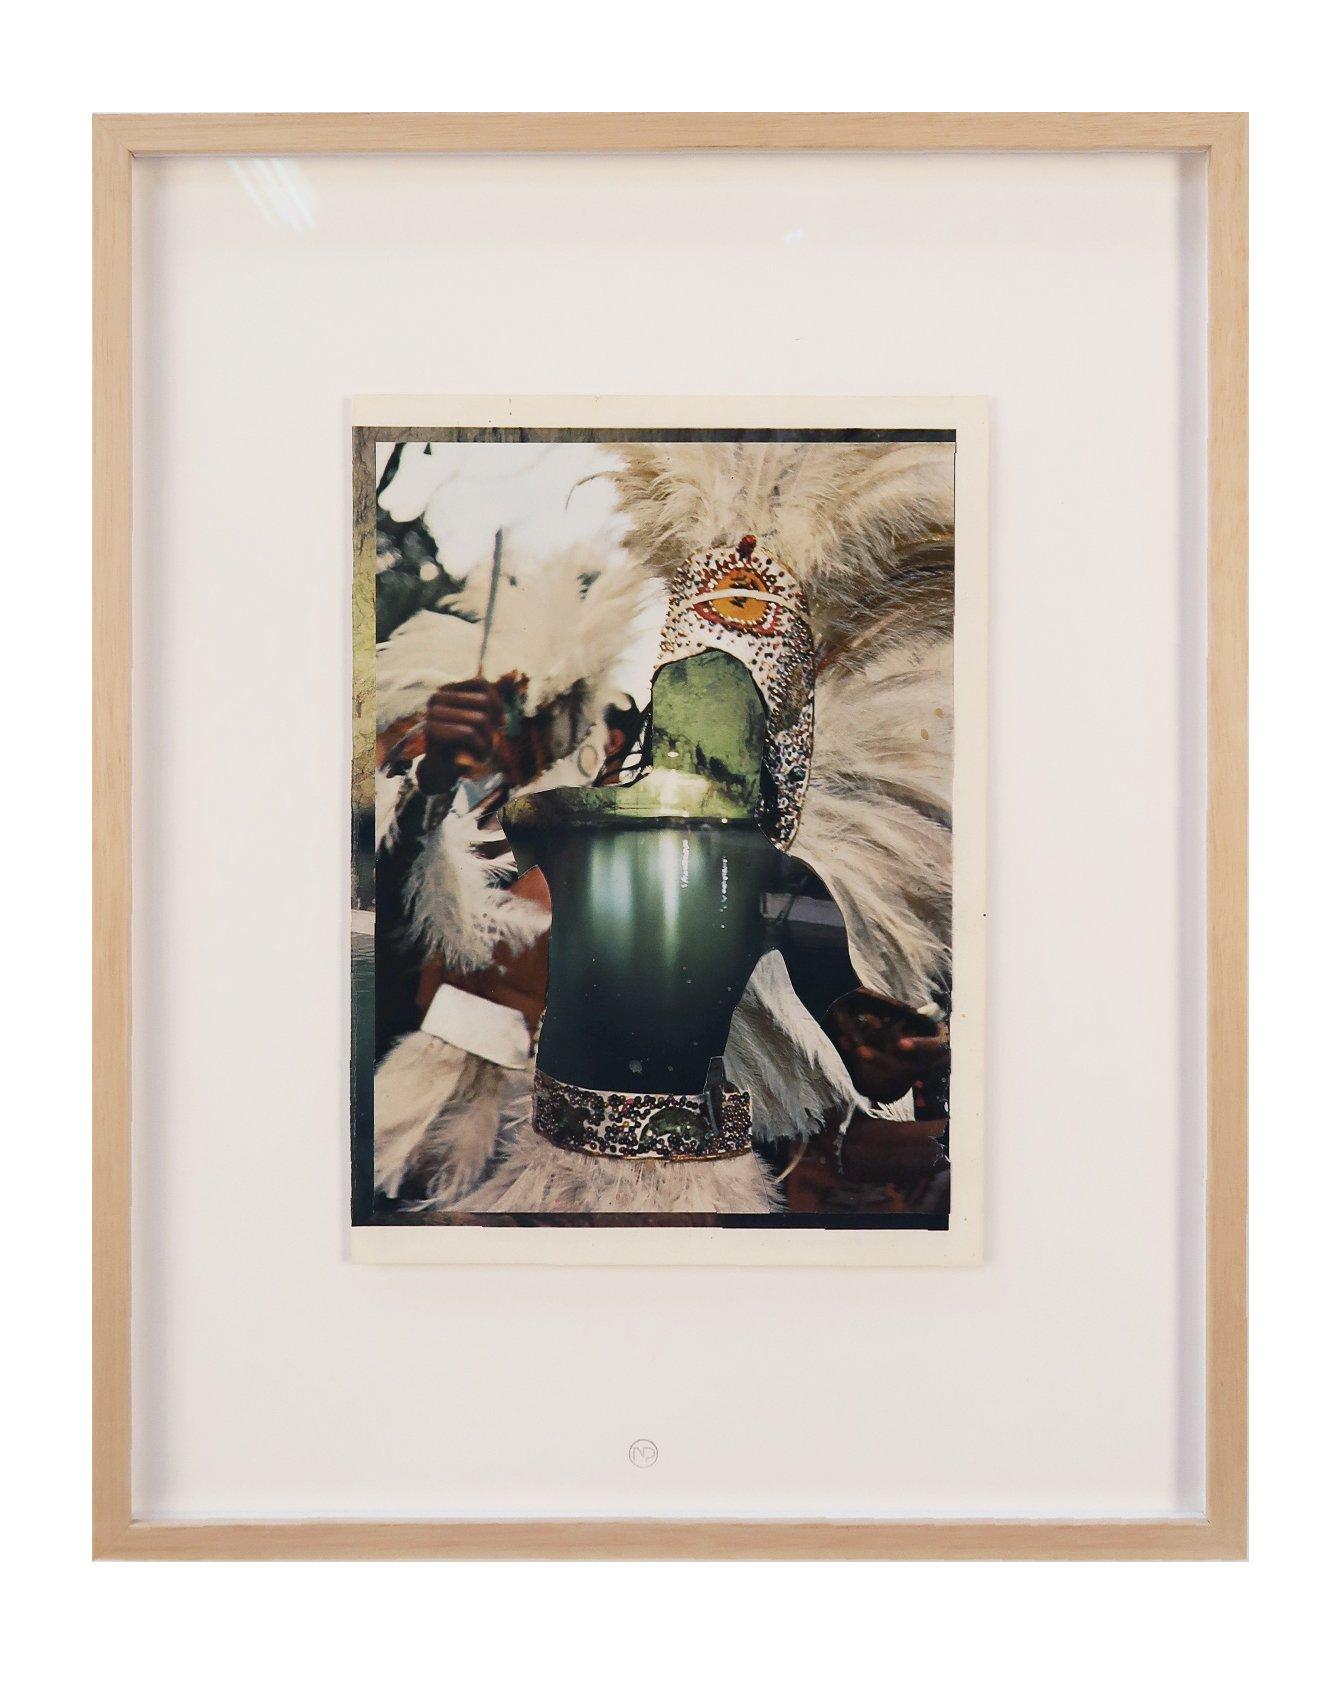 Nicolas Van Parys / Tradition Song